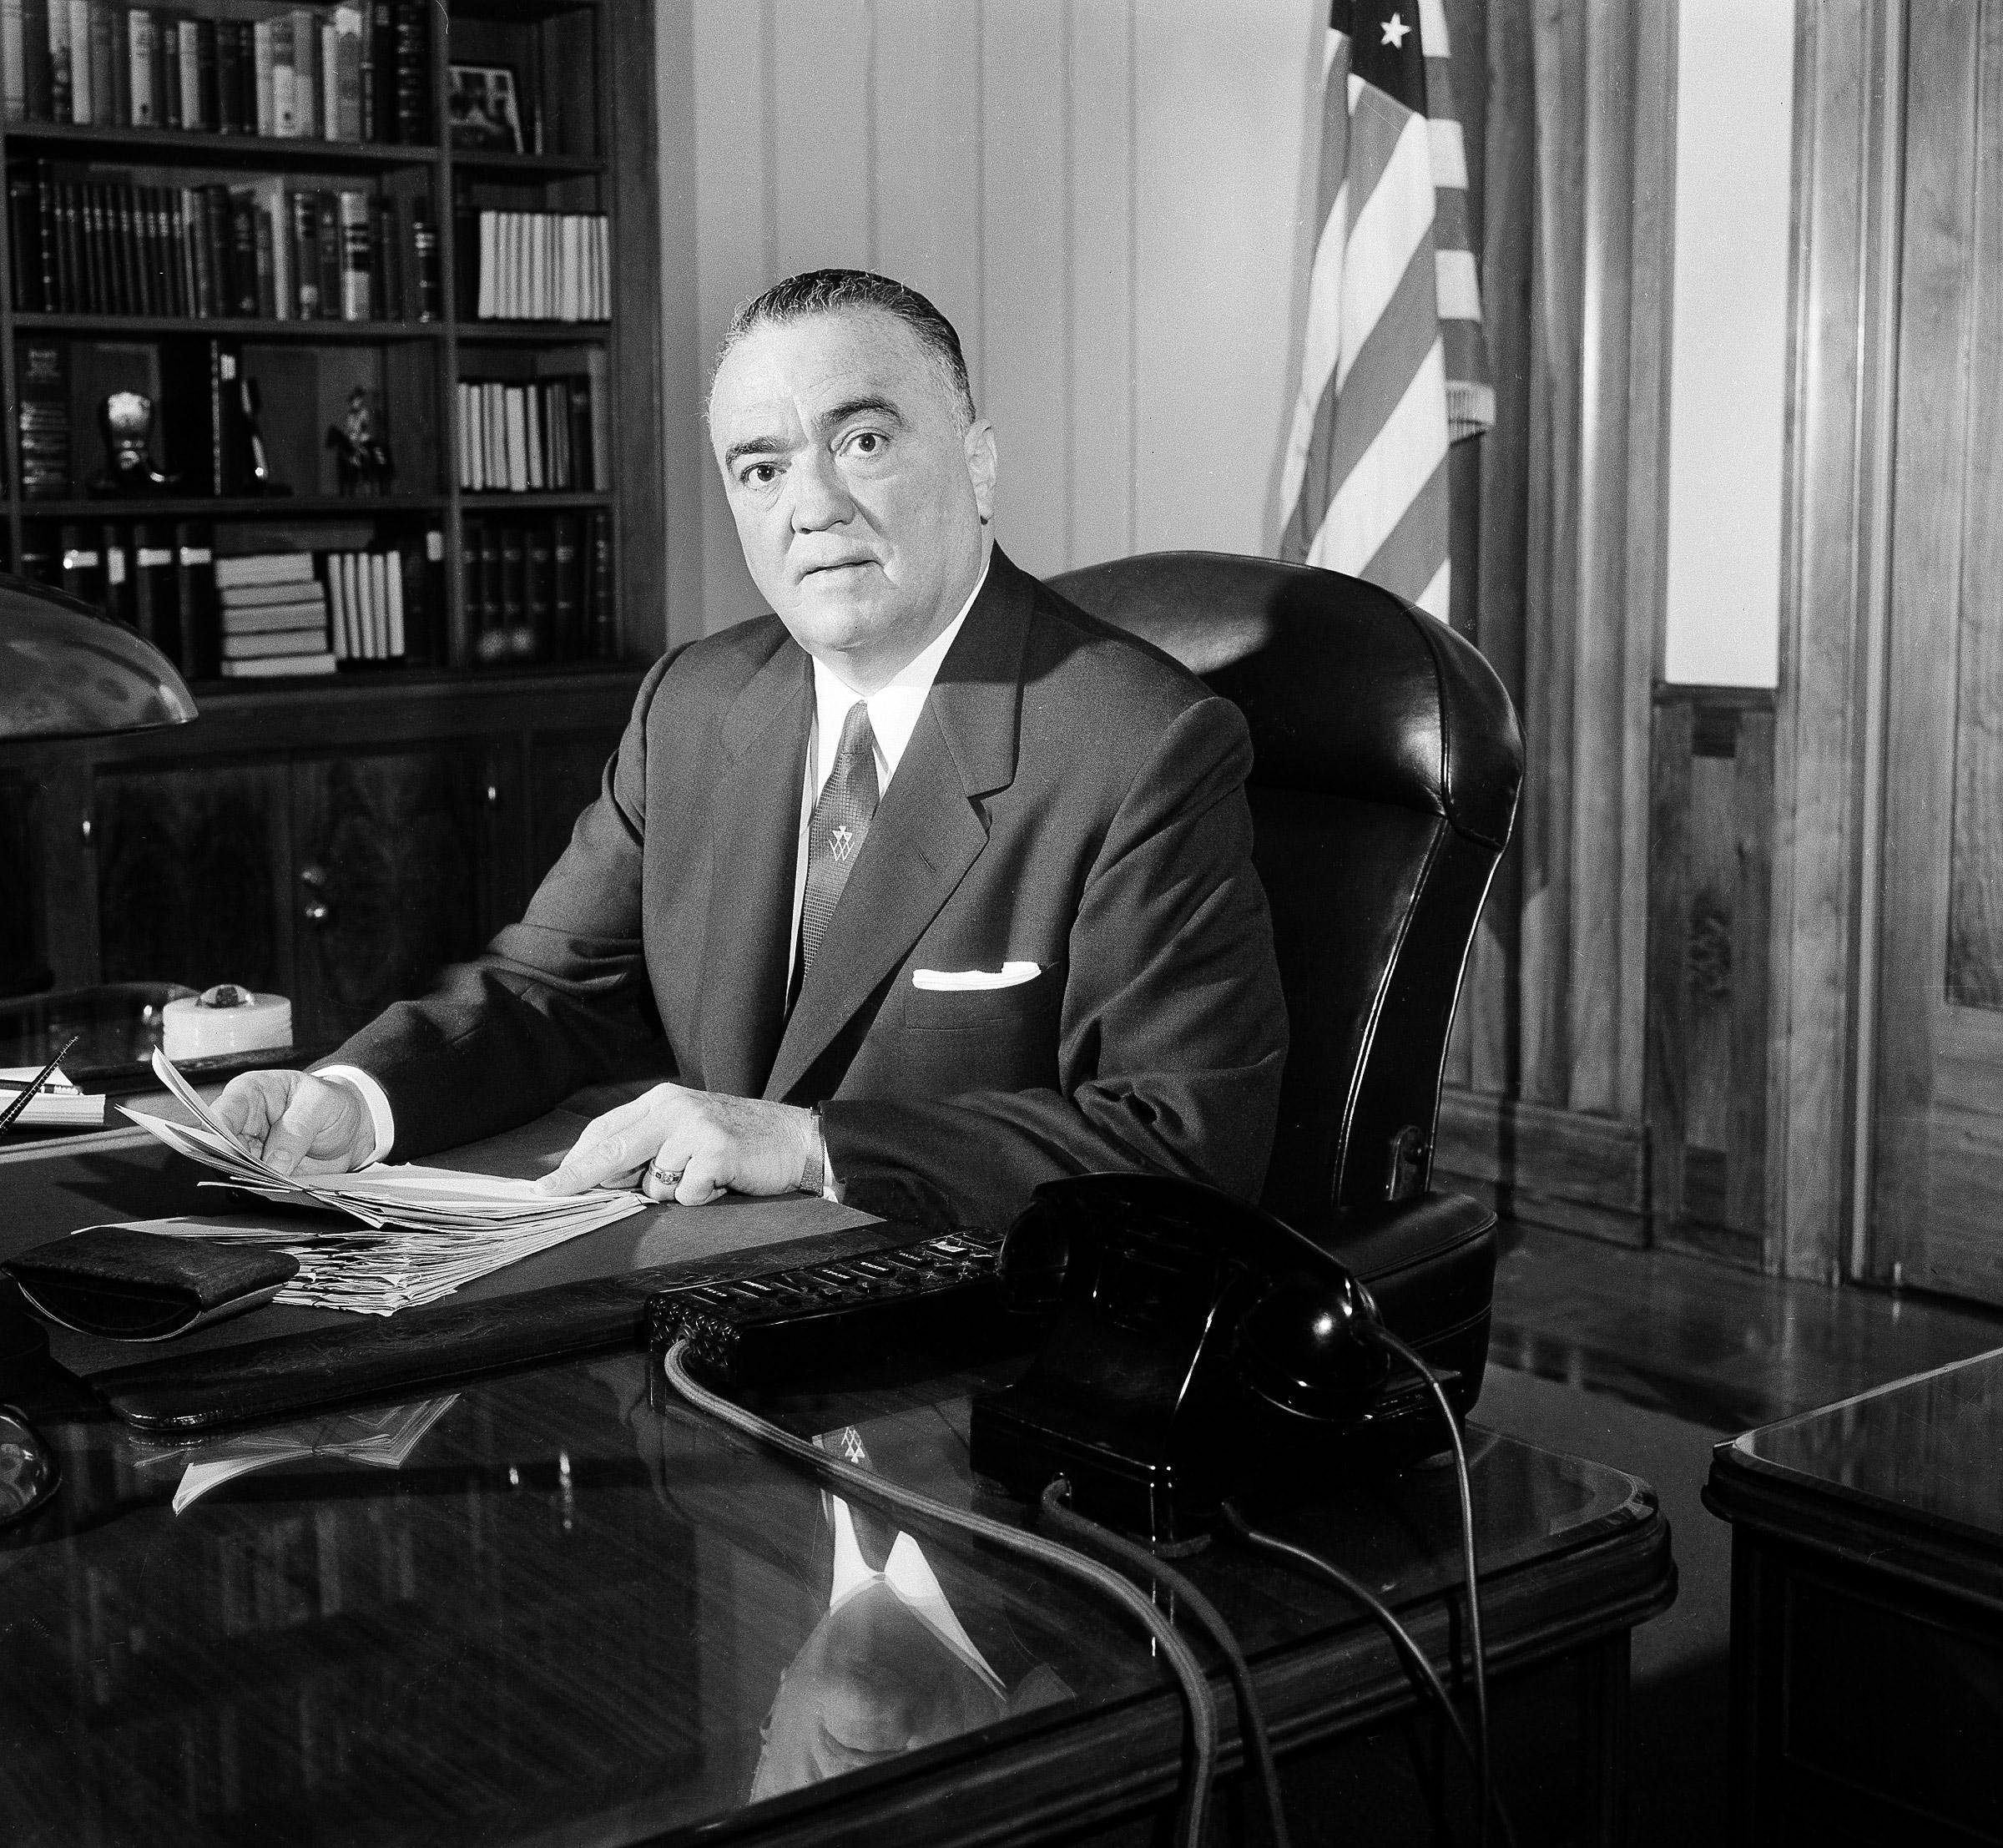 F.B.I. director J. Edgar Hoover in his Washington office, May 20, 1963.